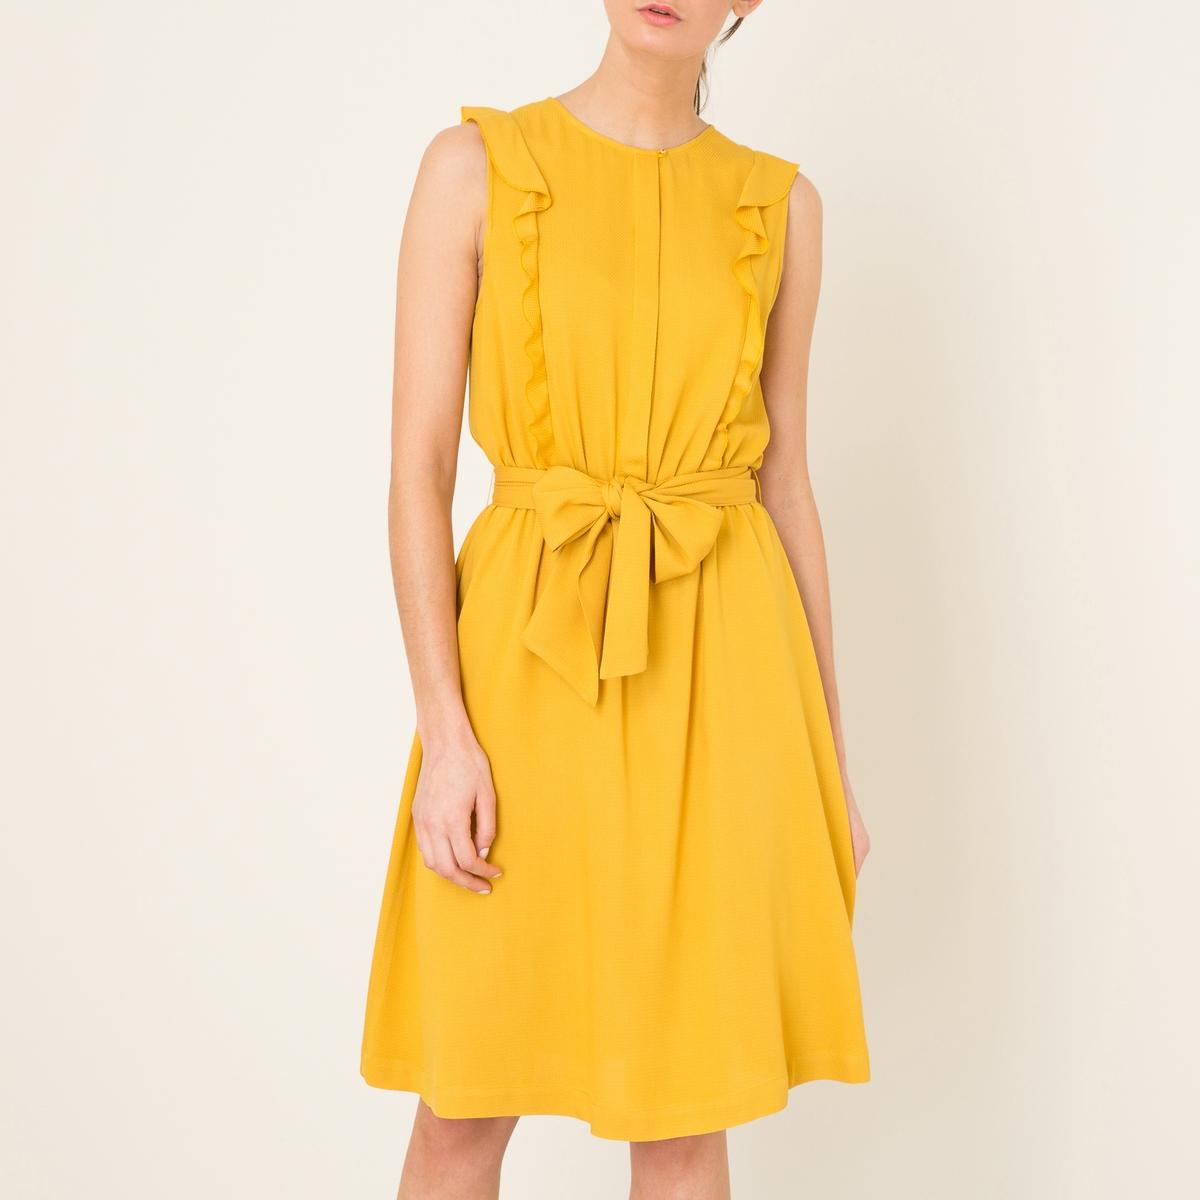 Платье QUETZALПлатье SESSUN - модель QUETZAL с воланами . Круглый вырез. без рукавов. Вырез на потайных пуговицах спереди. Воланы спереди. Присборенная талия с широким ремешком . Средняя длина. Струящийся покрой.Состав и описание   Материал : 100% вискоза   Марка : SESSUN<br><br>Цвет: желтый